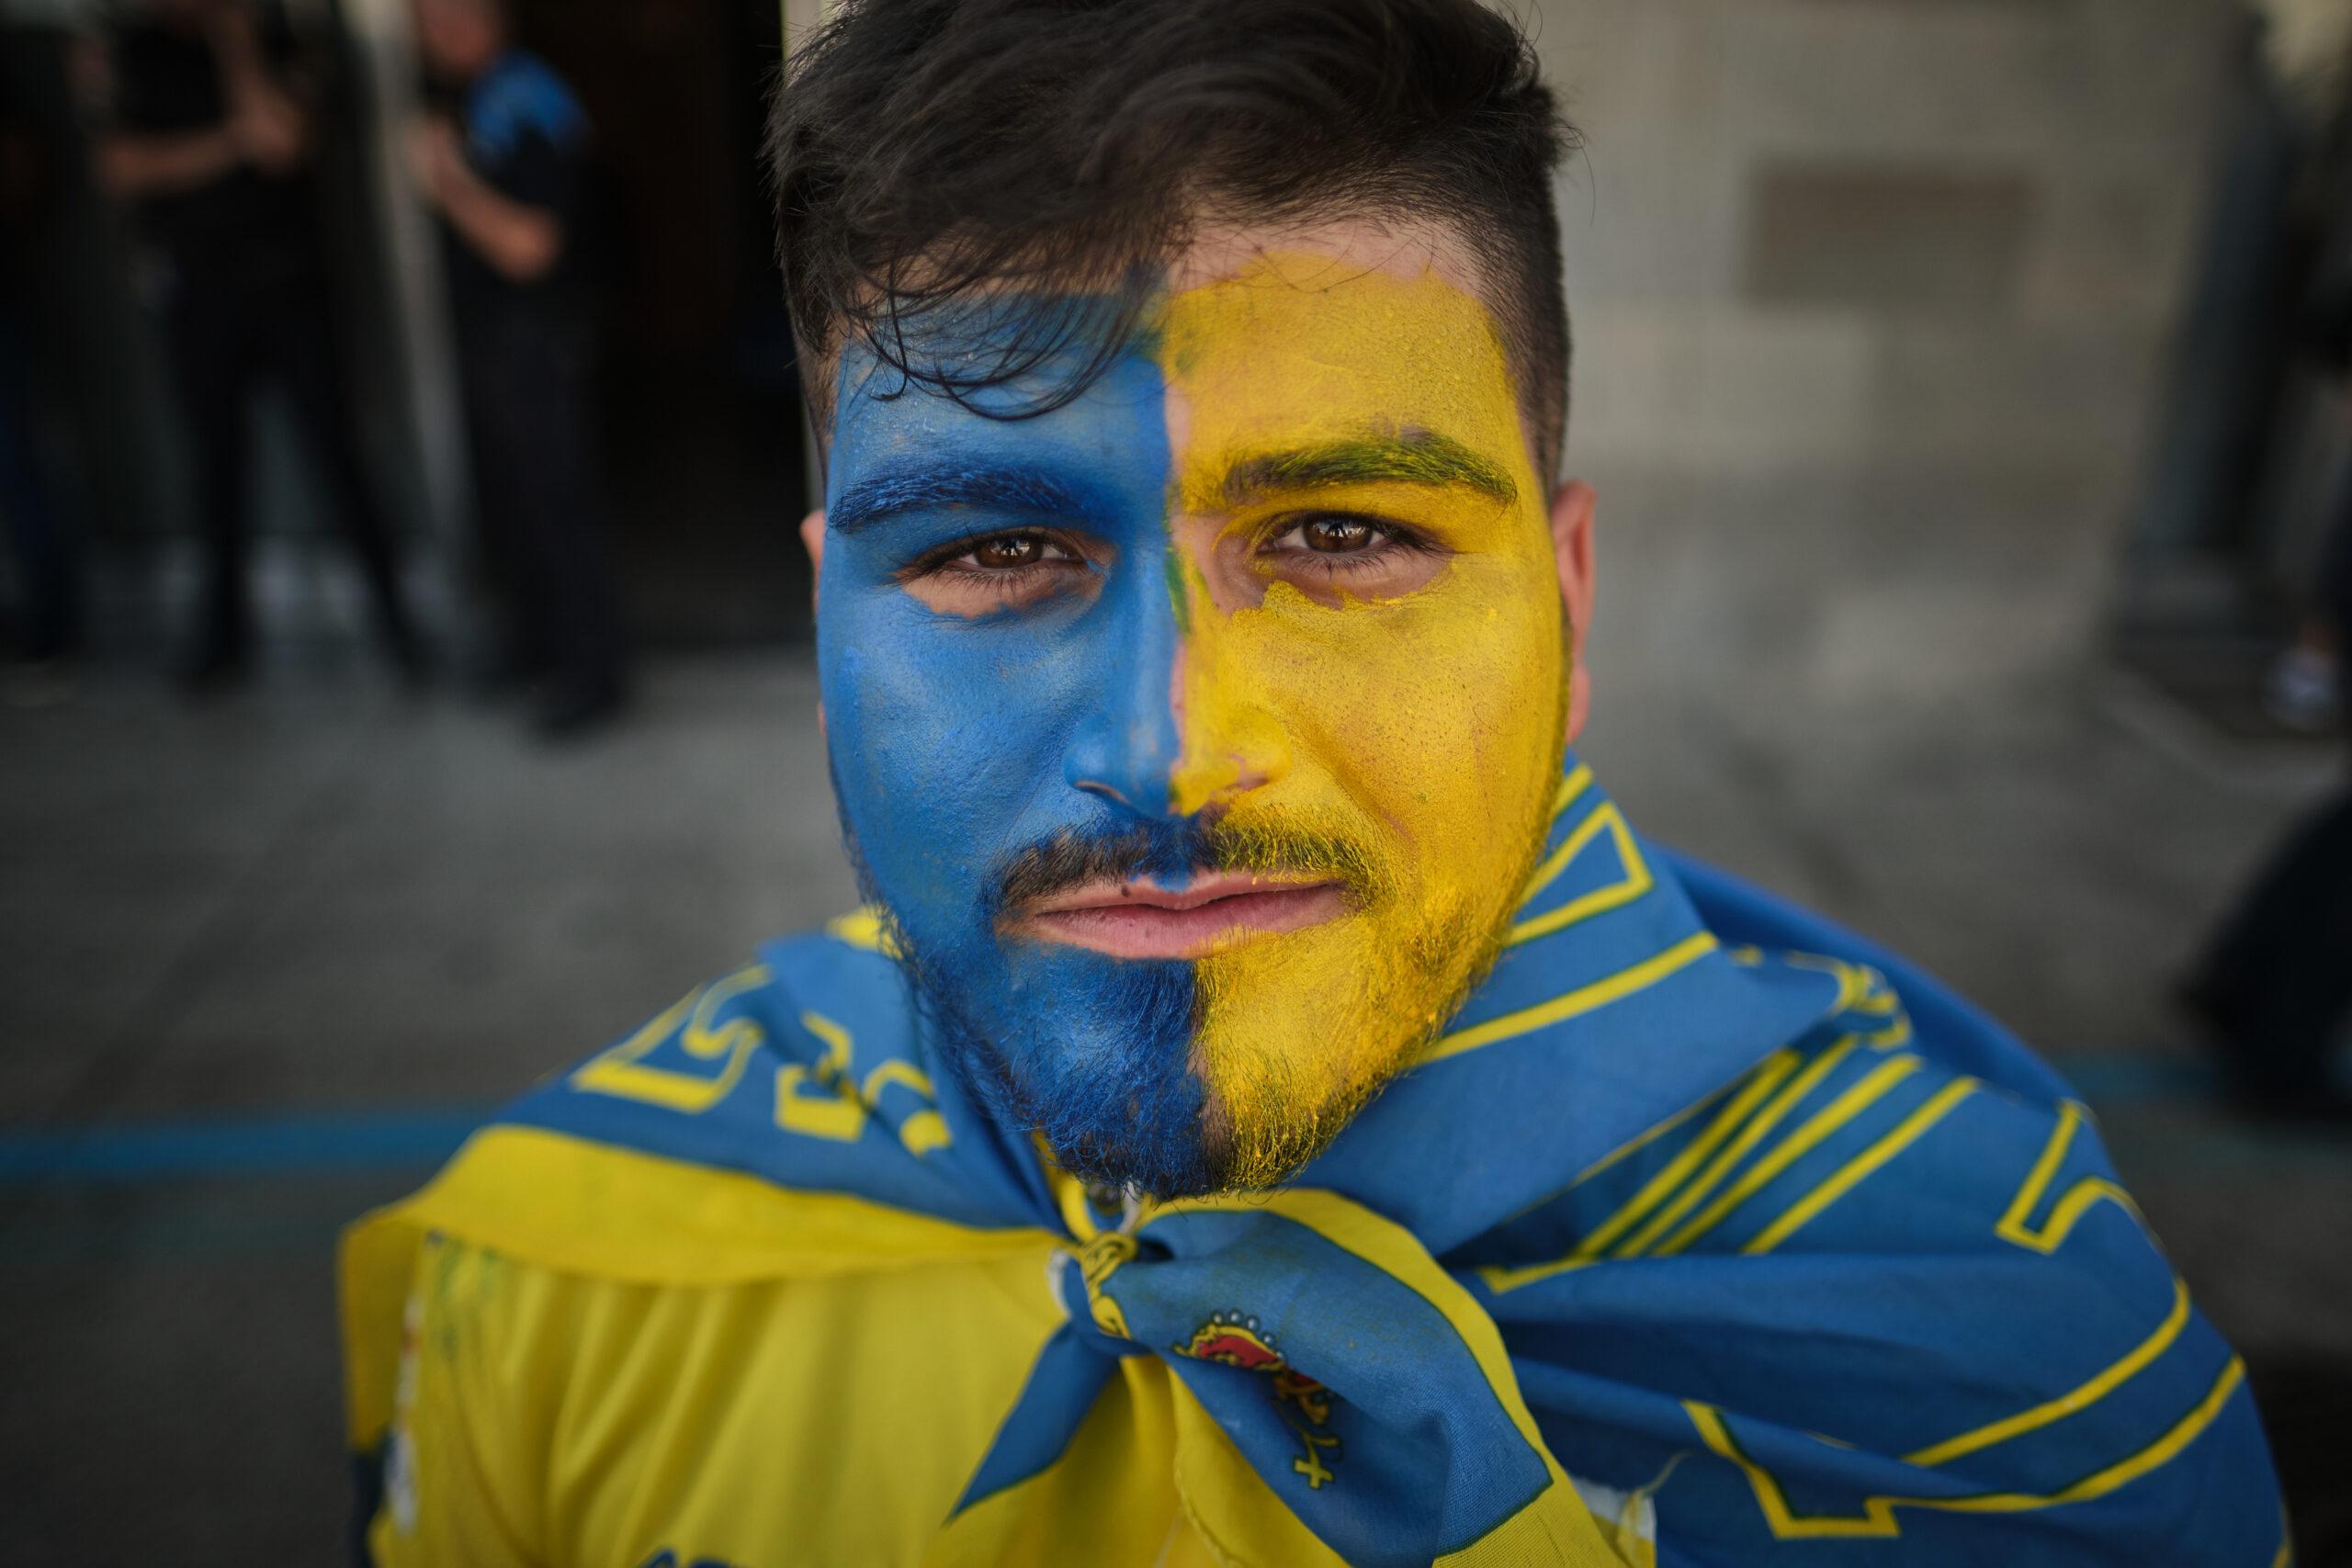 Primer Premio. Categoría: Deportes (Serie). Un aficionado de la UD Las Palmas enseña a cámara su maquillaje minutos antes de comenzar el partido. Julio 9, 2019. Santa Cruz de Tenerife. Andrés Gutiérrez